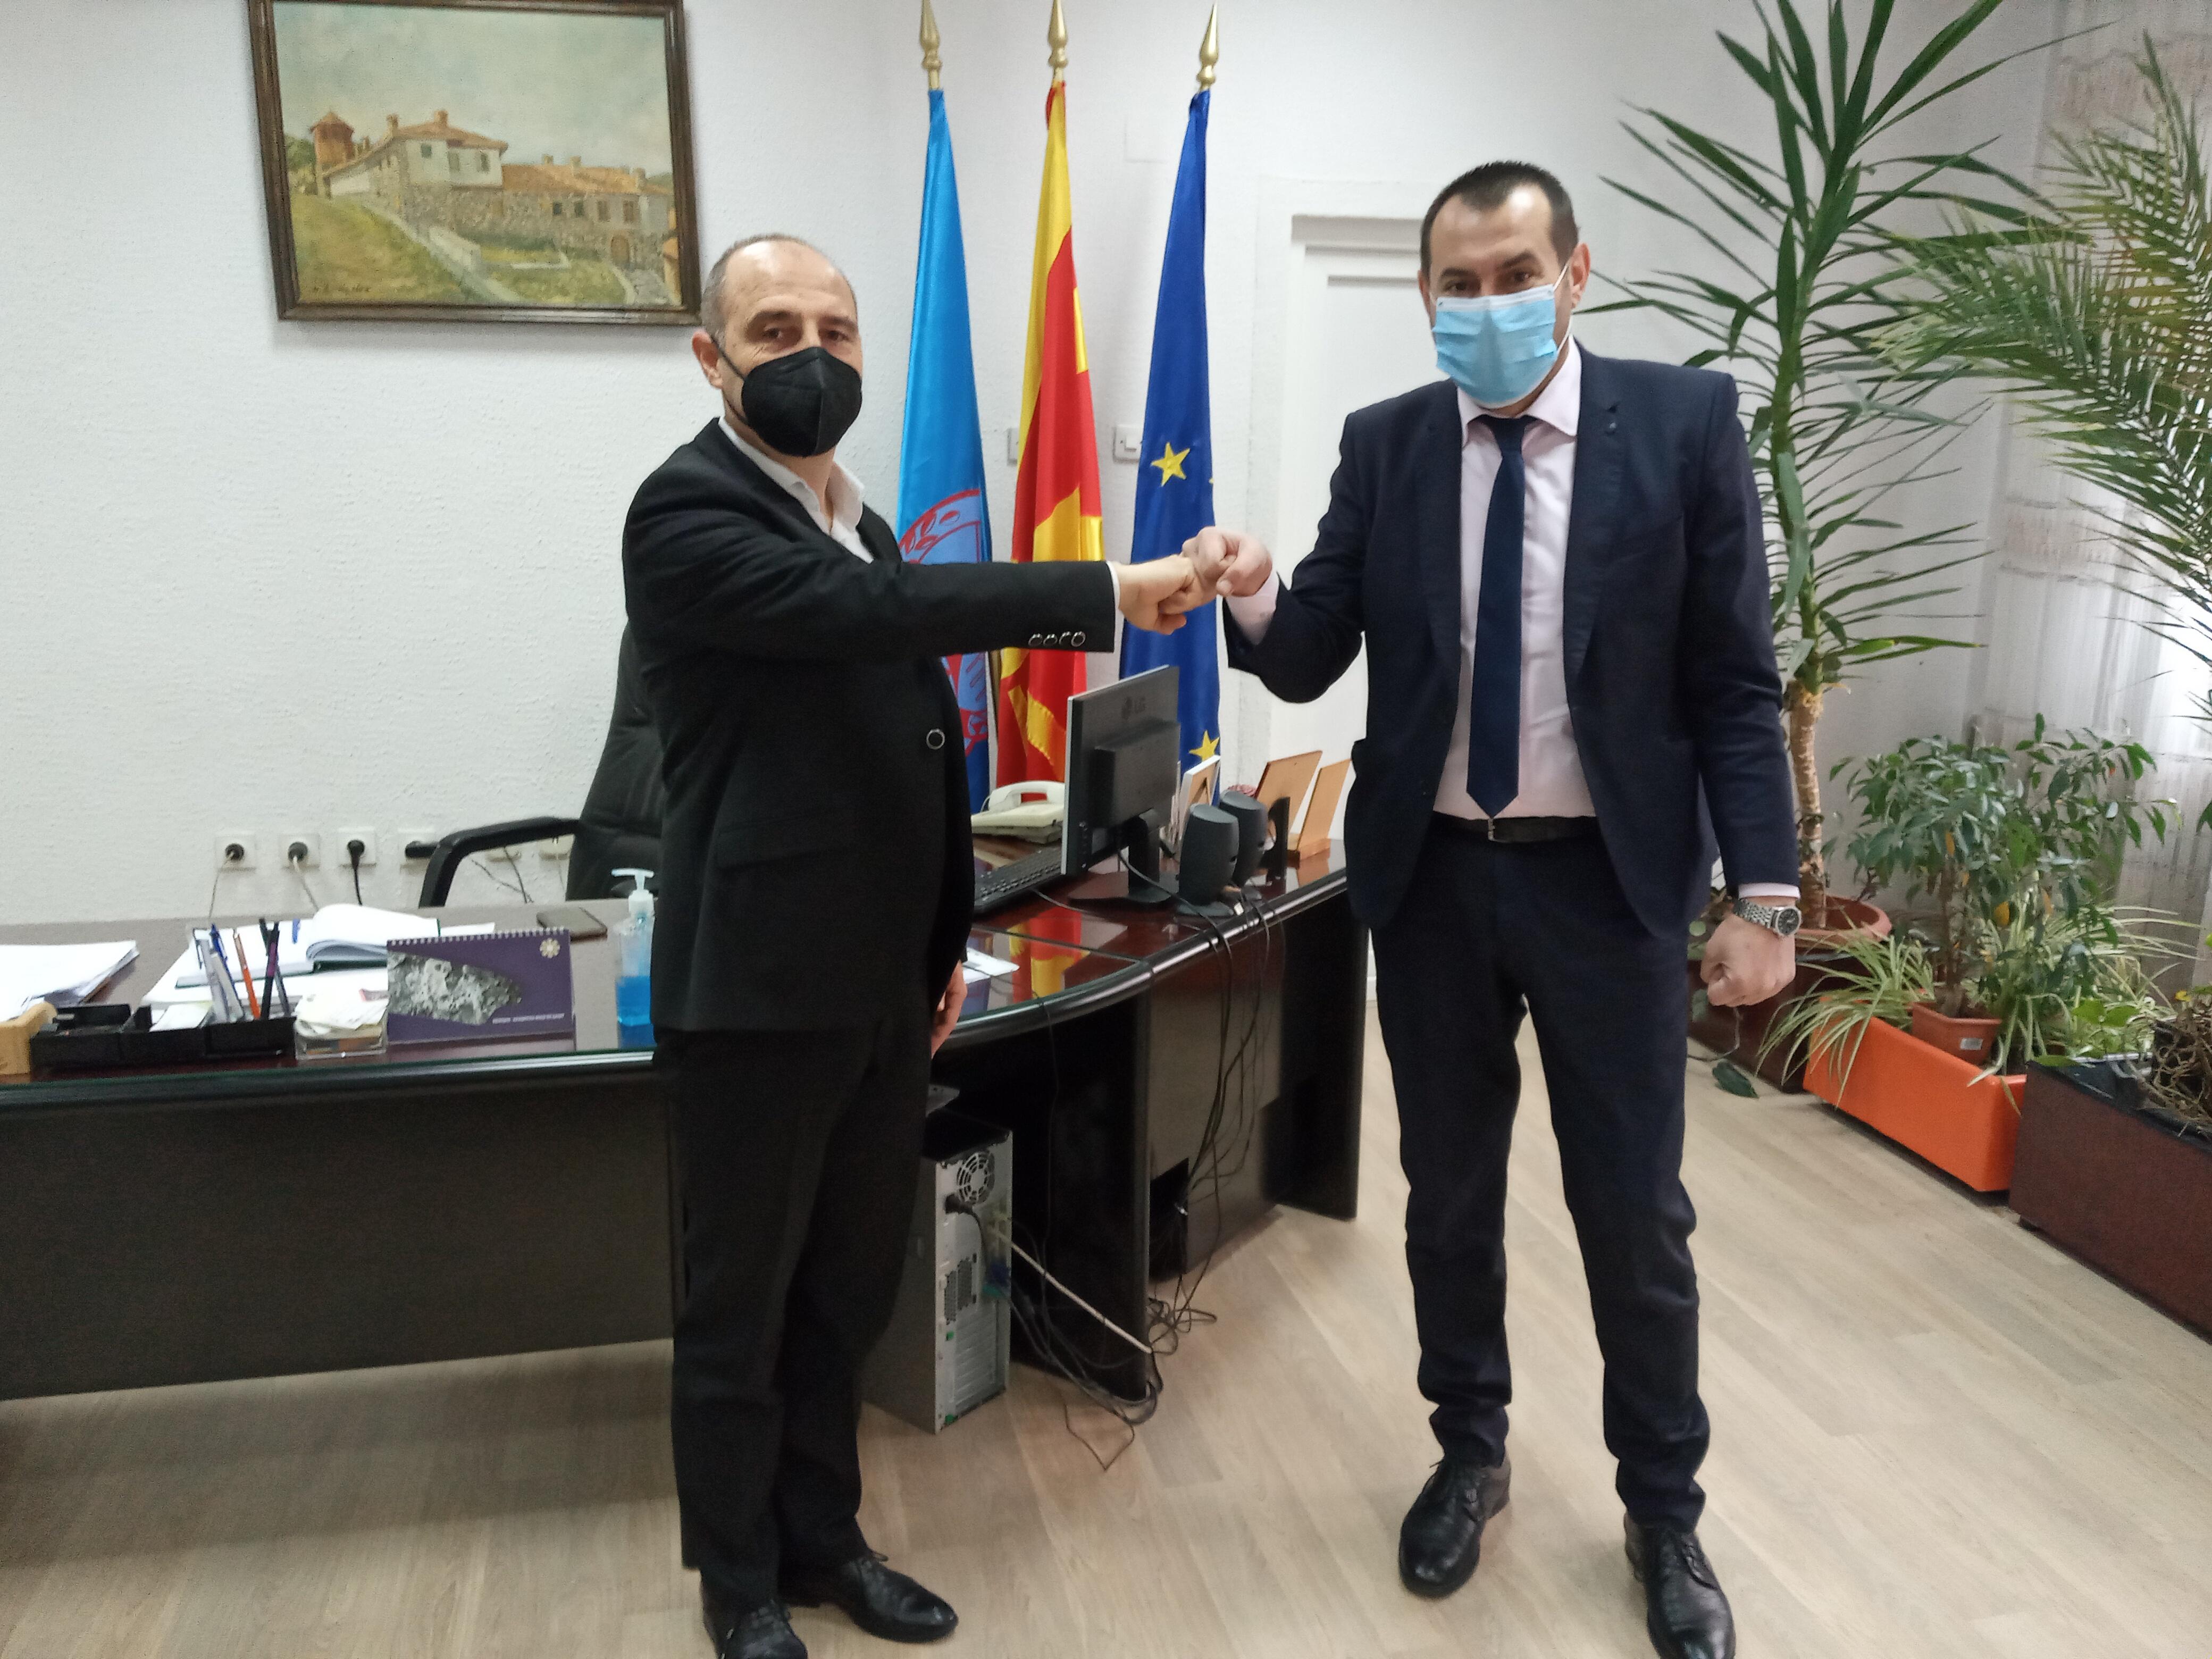 Градоначалникот Пекевски оствари работна средба со Петар Петров-прв секретар во Бугарската амбасада